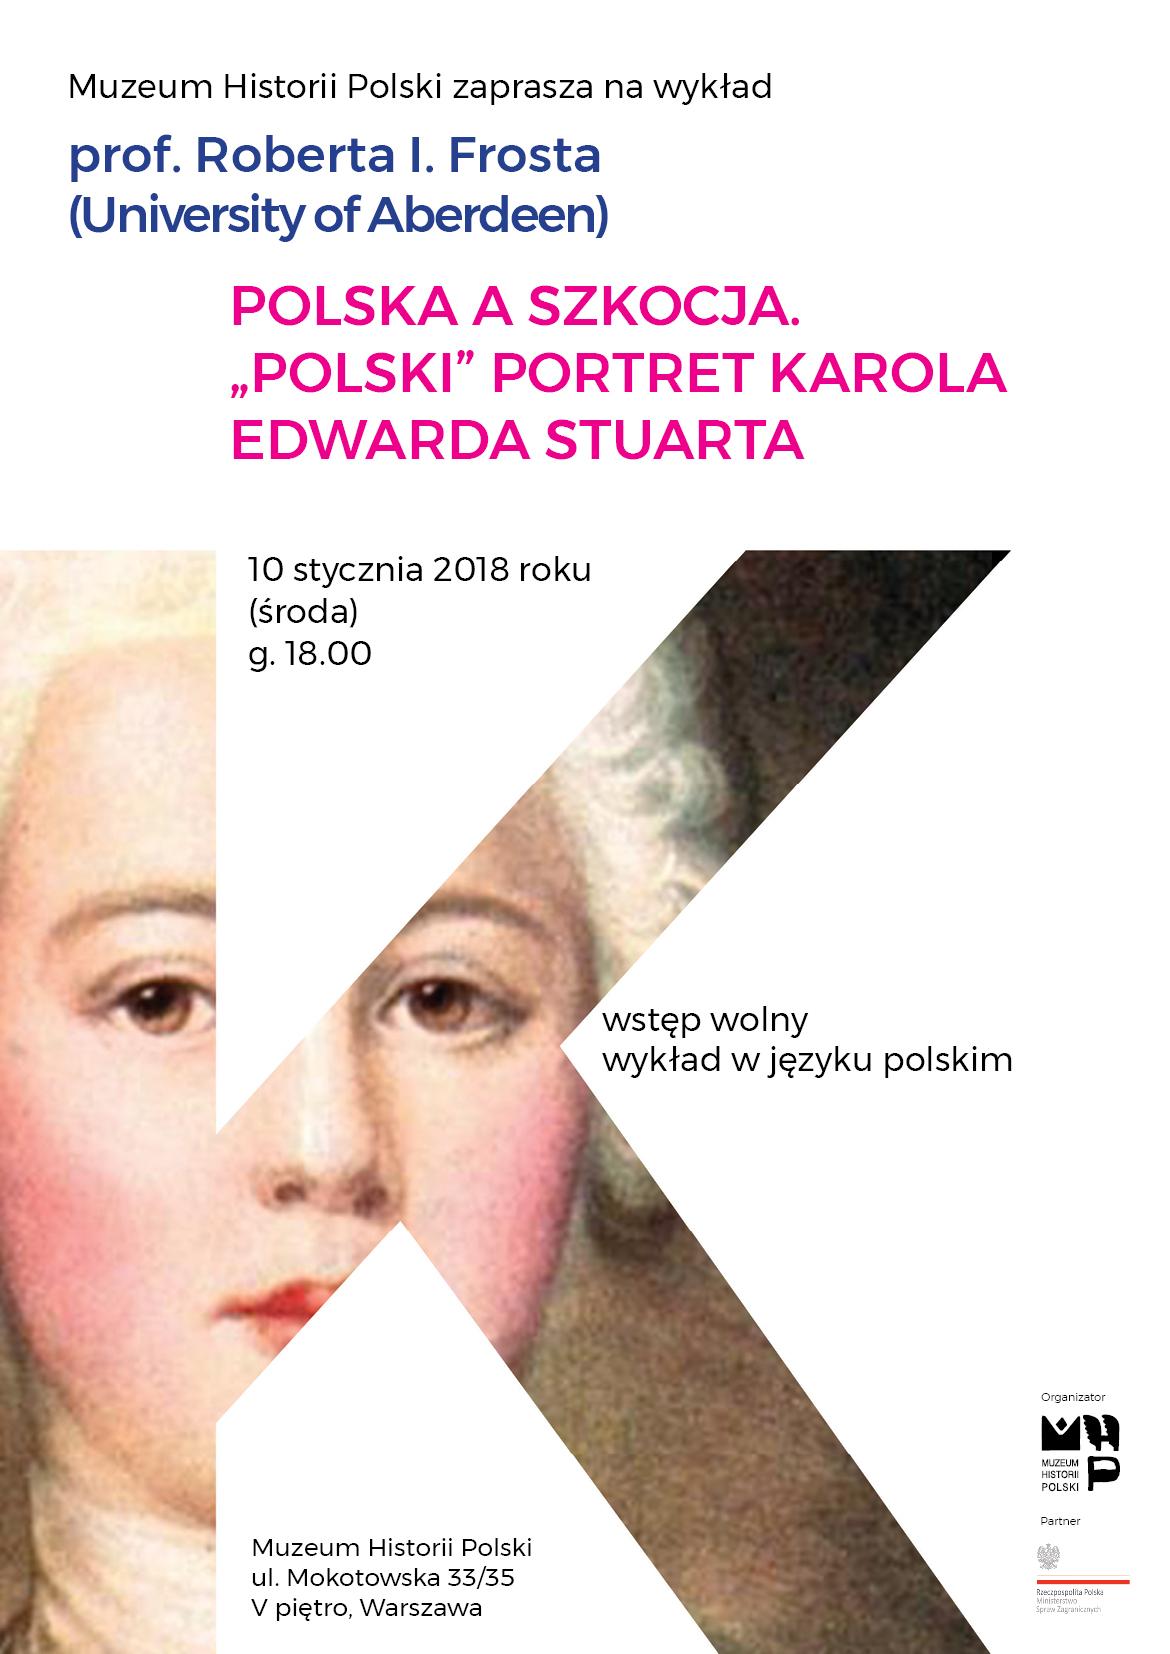 Zaproszenie na wykład w Muzeum Historii Polski (źródło: materiały prasowe)